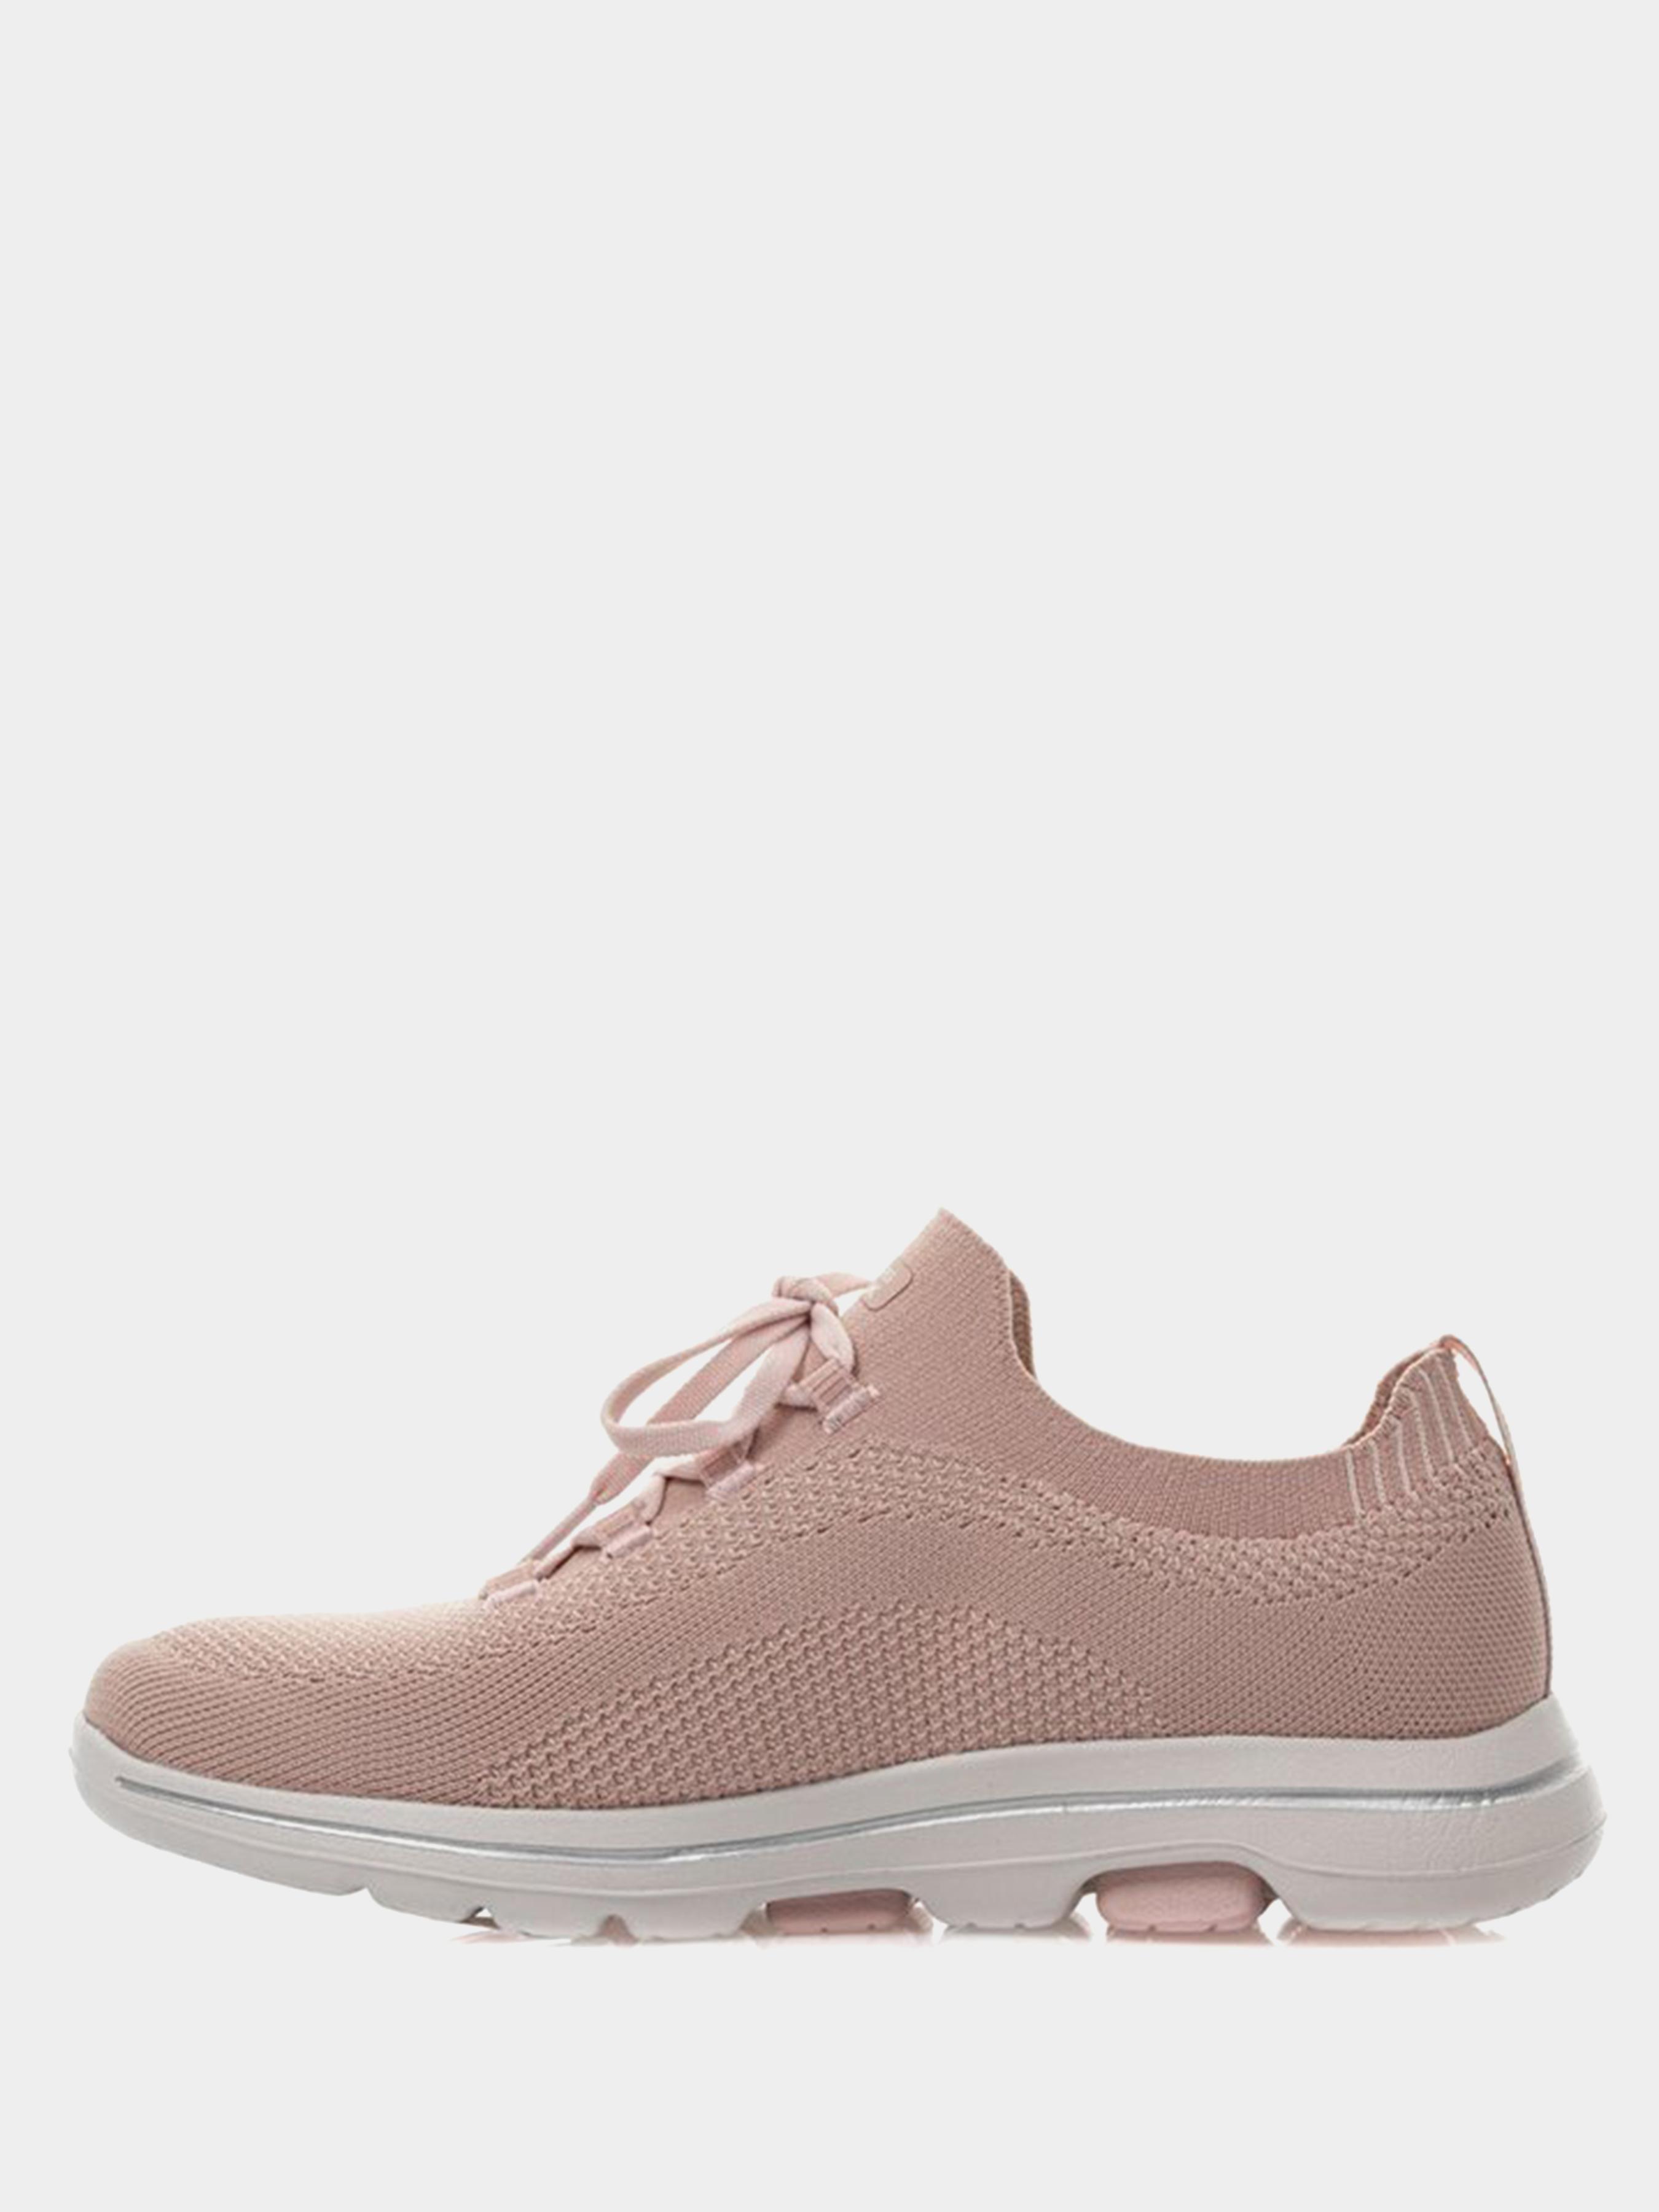 Кросівки для тренувань Skechers GOwalk 5 - Uprise 124010 PNK